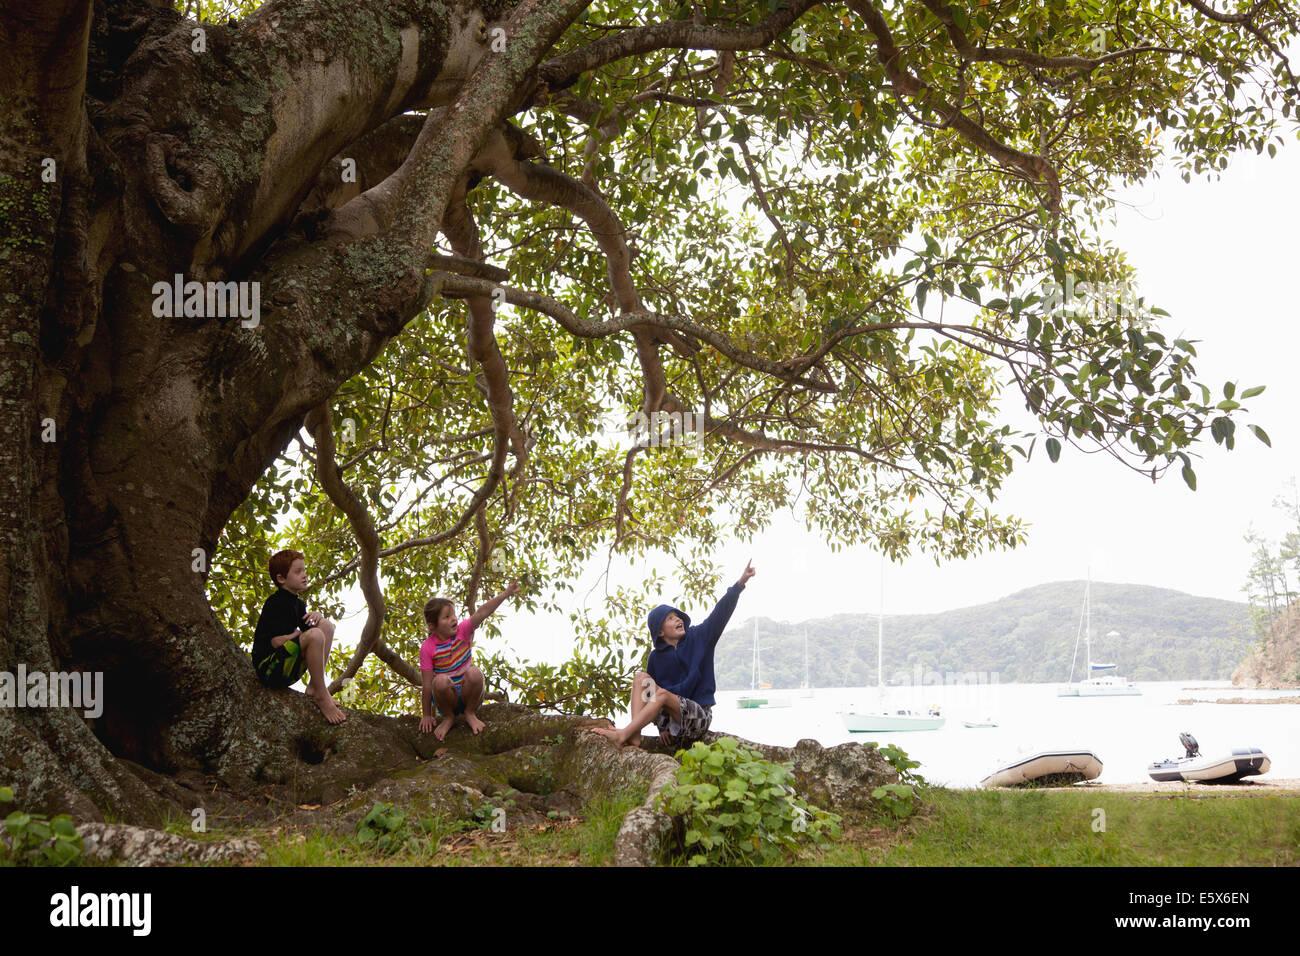 Tres muchachos sentados bajo el árbol Imagen De Stock